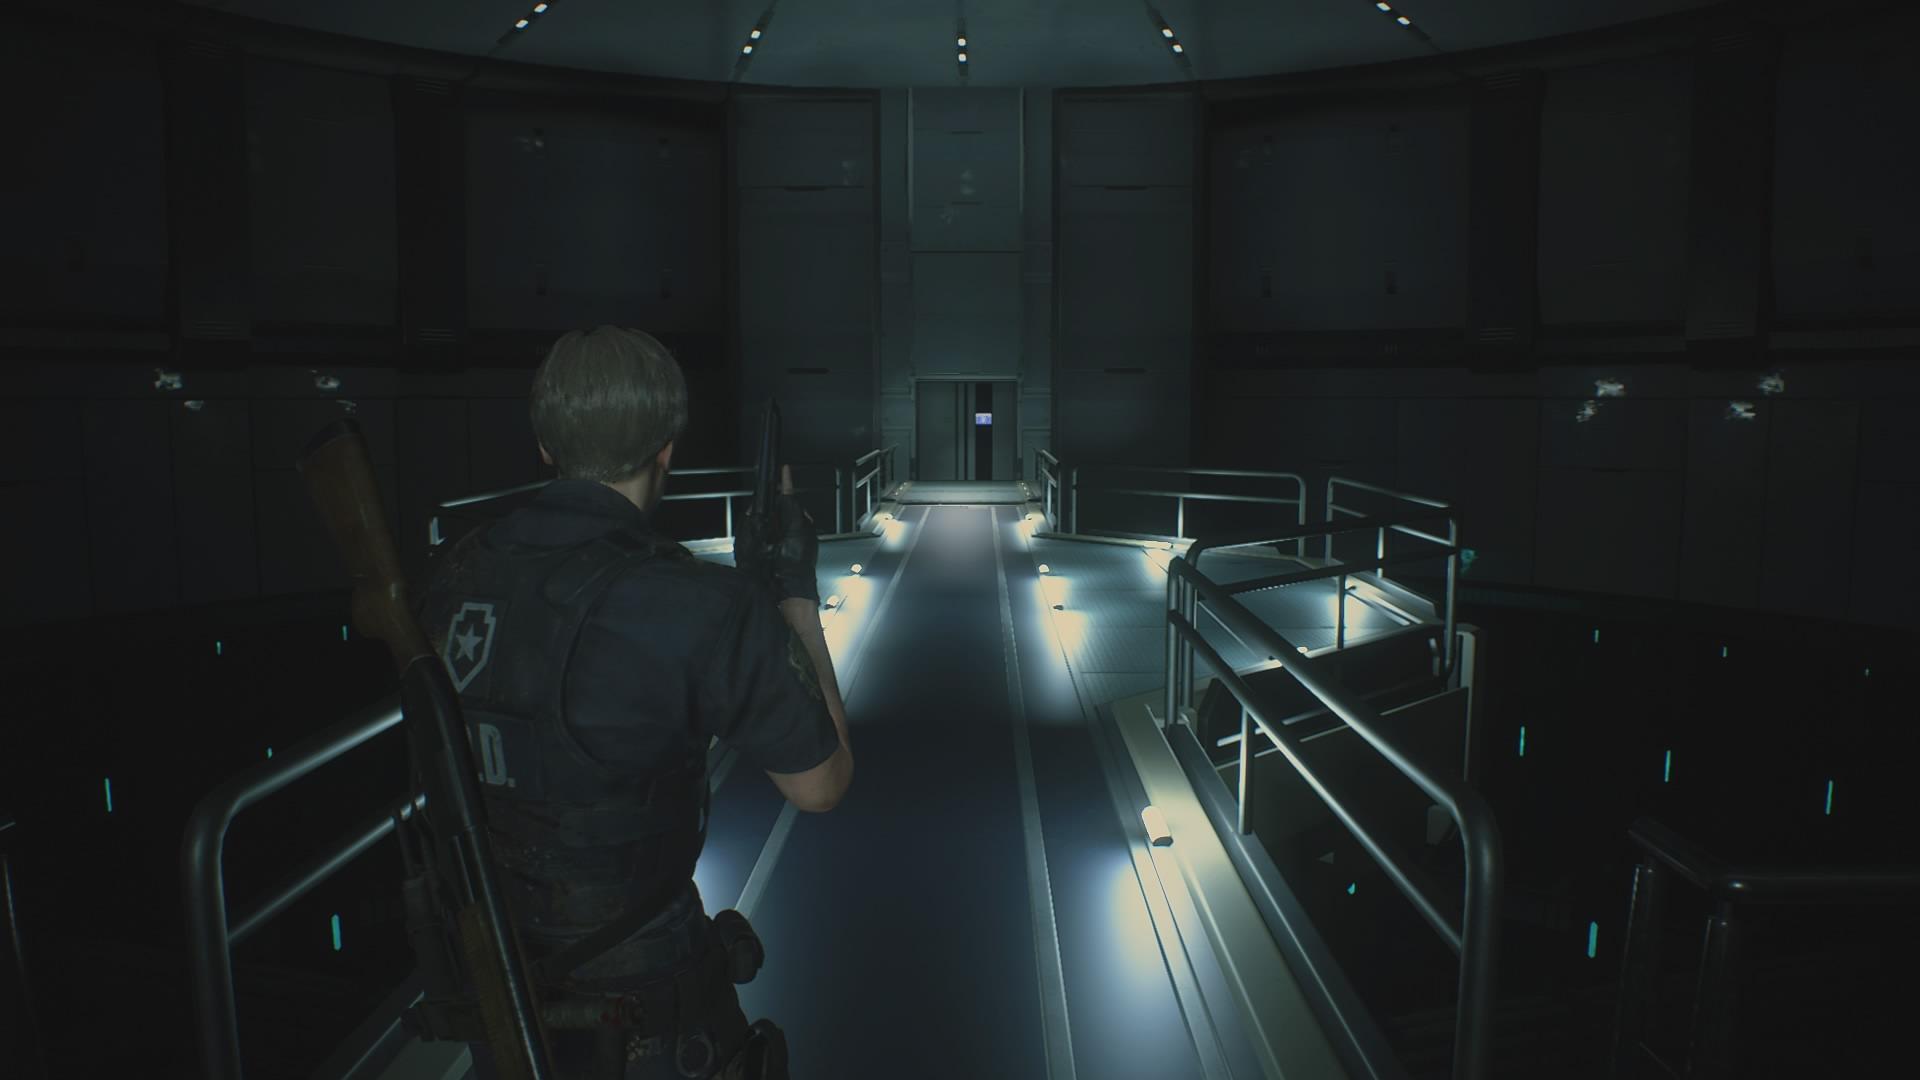 Bioreactors Room